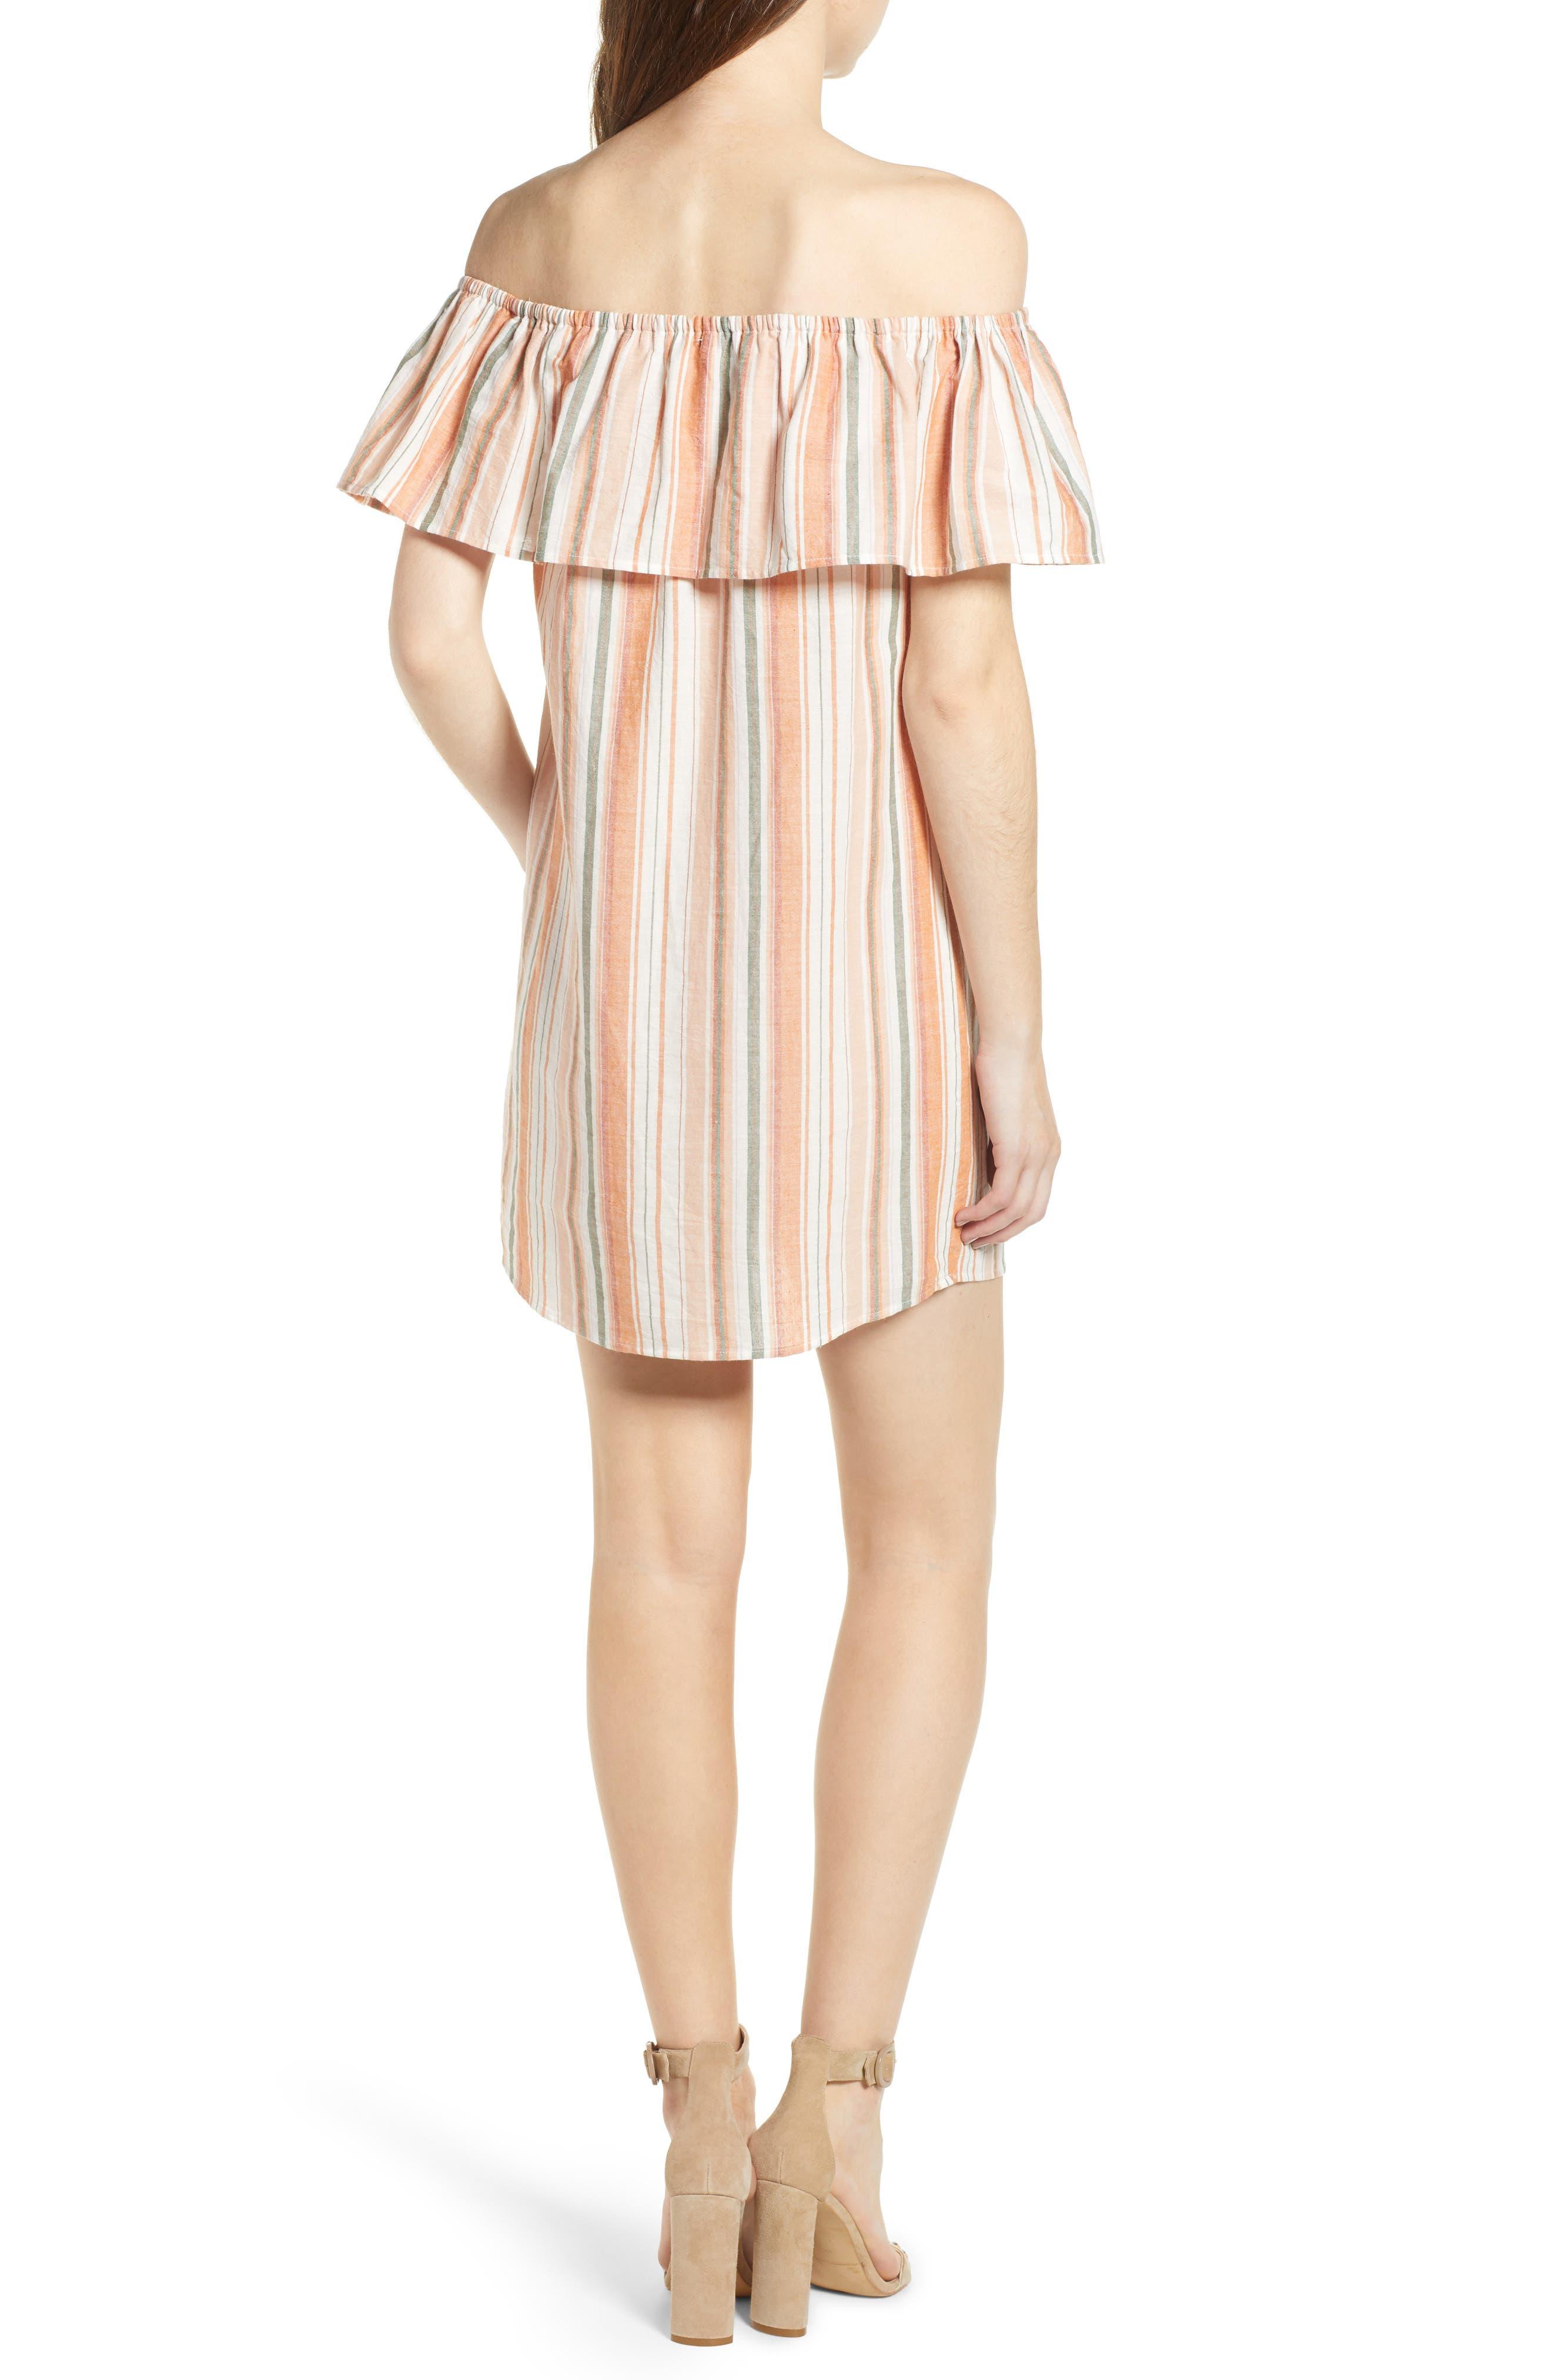 BISHOP + YOUNG,                             Sunset Stripe Off the Shoulder Dress,                             Alternate thumbnail 2, color,                             844